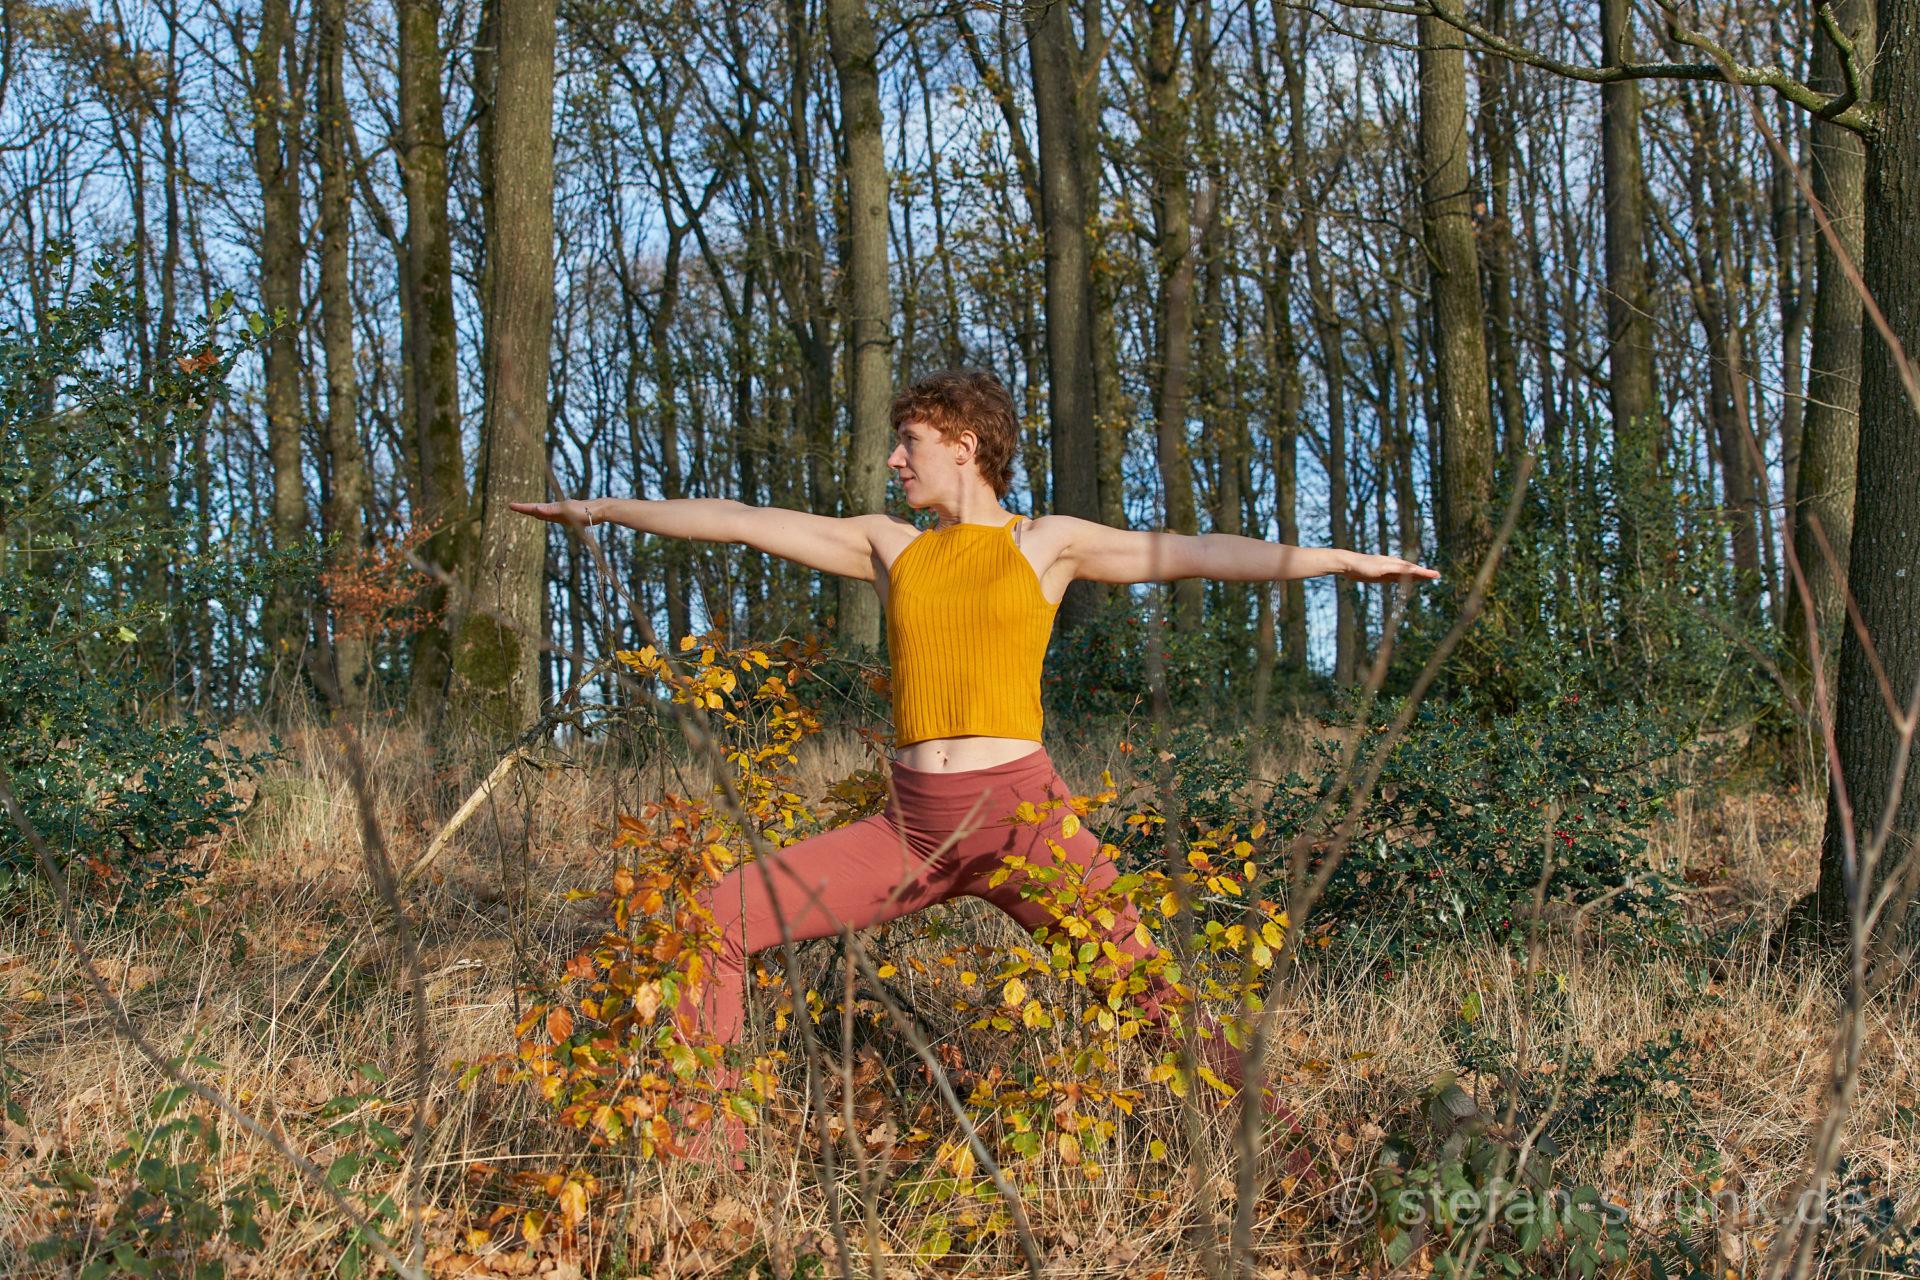 Stefan Strunk - Ilka Yoga - Wuppertal Cronenberg